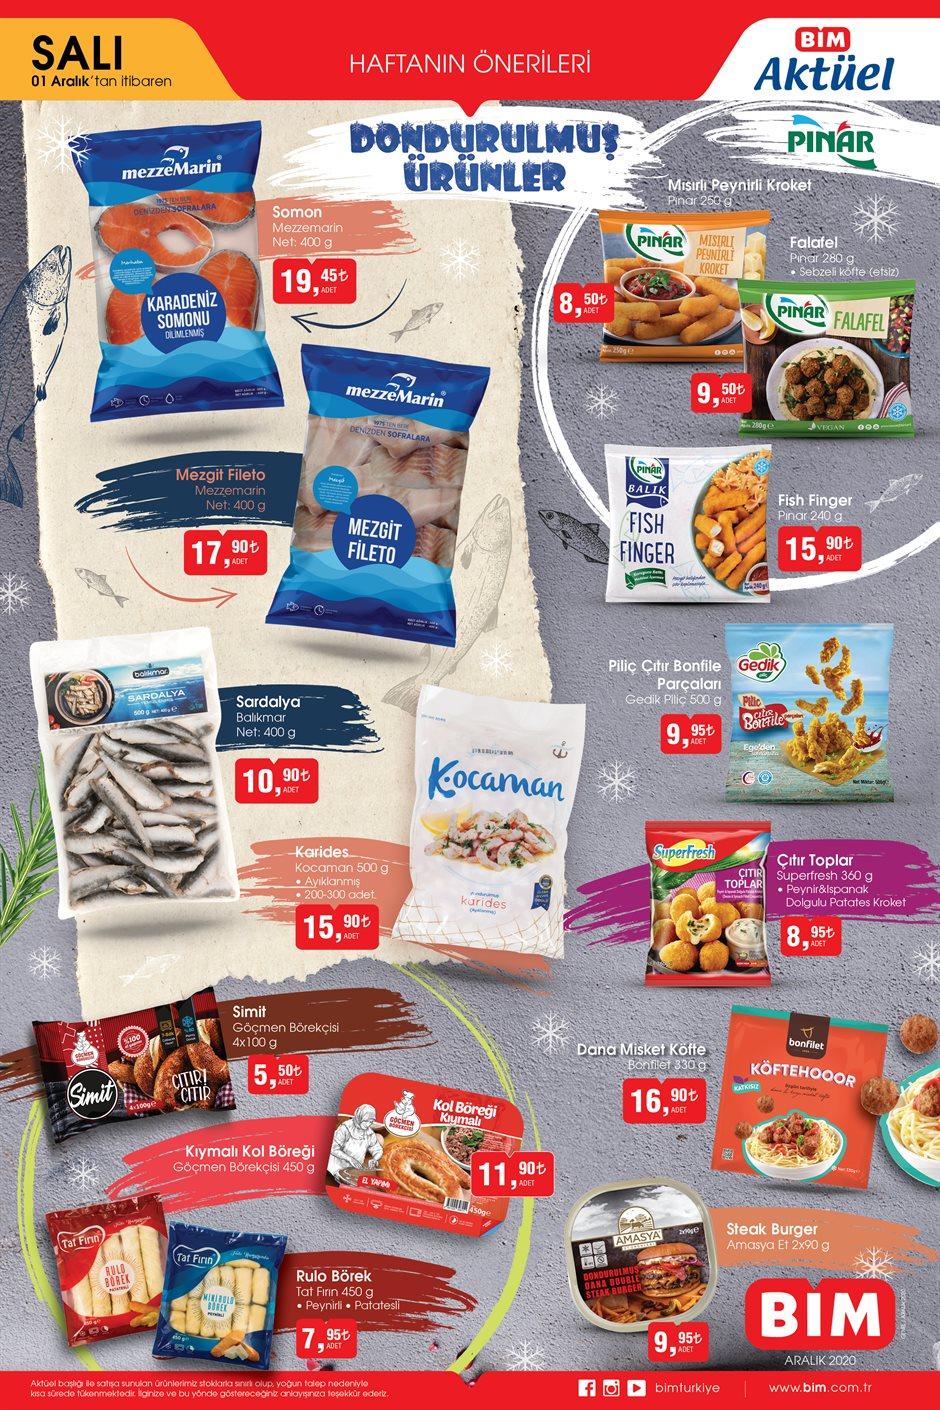 2 Aralık BİM 2020 kataloğu | BİM'in sunduğu haftanın yeni ürünlerini kaçırmayın!